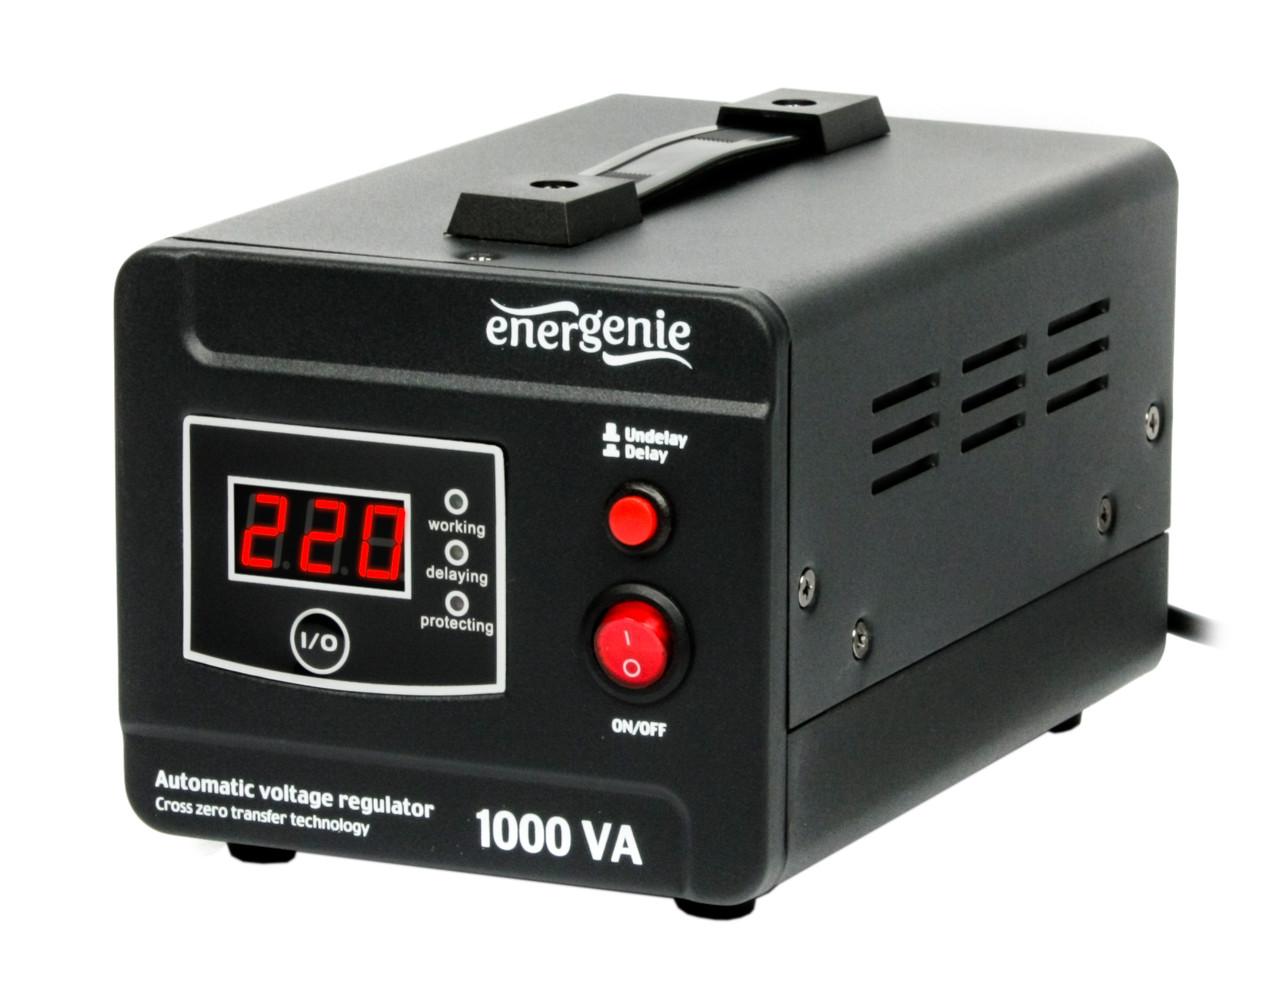 Автоматический регулятор напряжения 230 В, 1000 ВА (релейный)